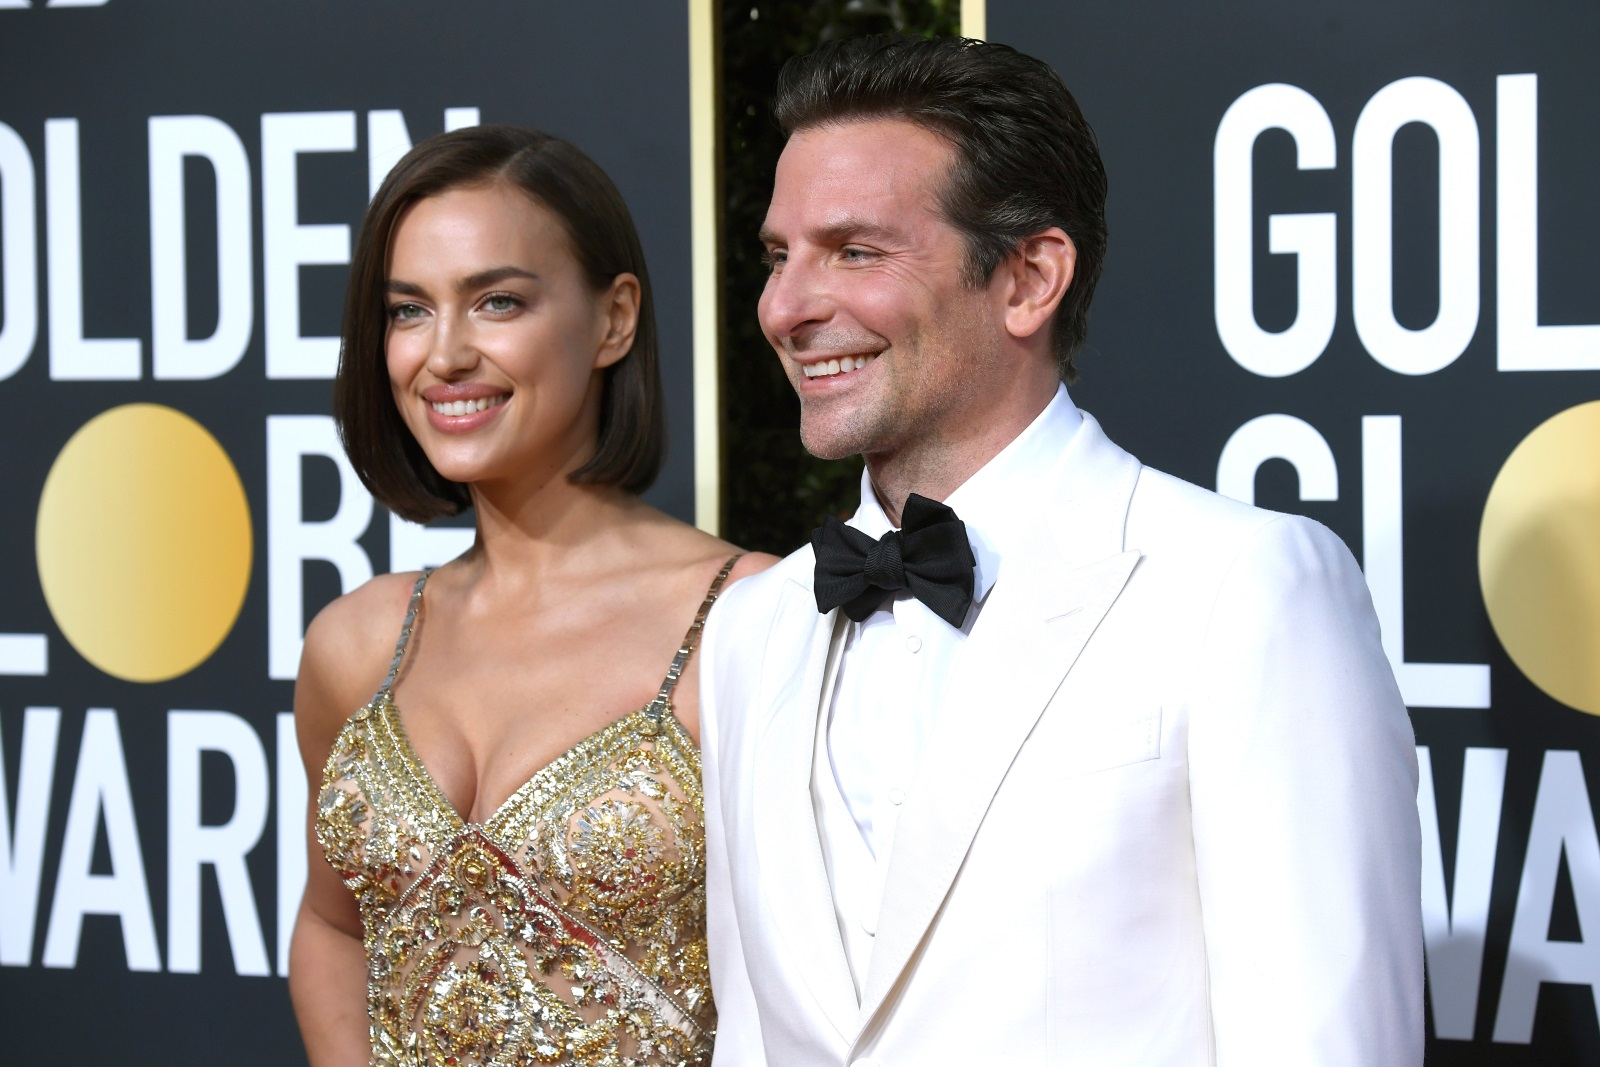 """33-годишната Ирина Шейк изглеждаше зашеметяващо с прозрачна рокля със златни и сребристи елементи и висока цепка от лявата страна. Моделът показа и новата си прическа тип """"боб"""". Брадли Купър, който имаше две номинации за филма си A Star Is Born, бе избрал за повода смокинг в бяло."""